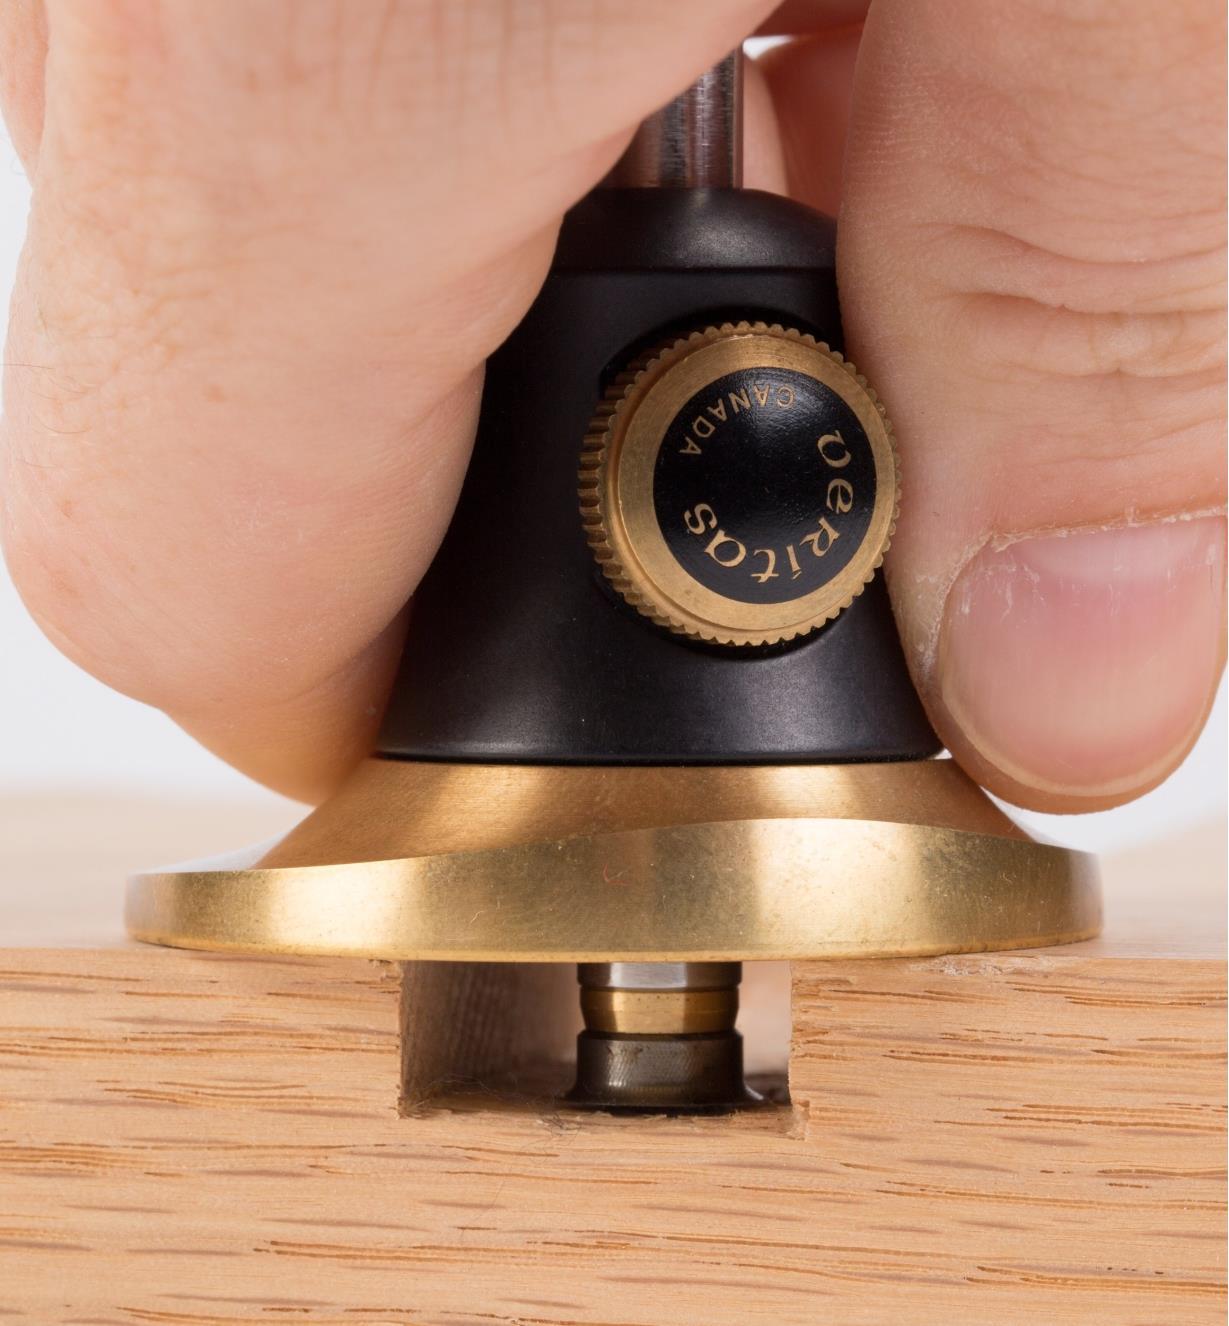 05N3631 - Trusquin à roulette micrométrique Veritas